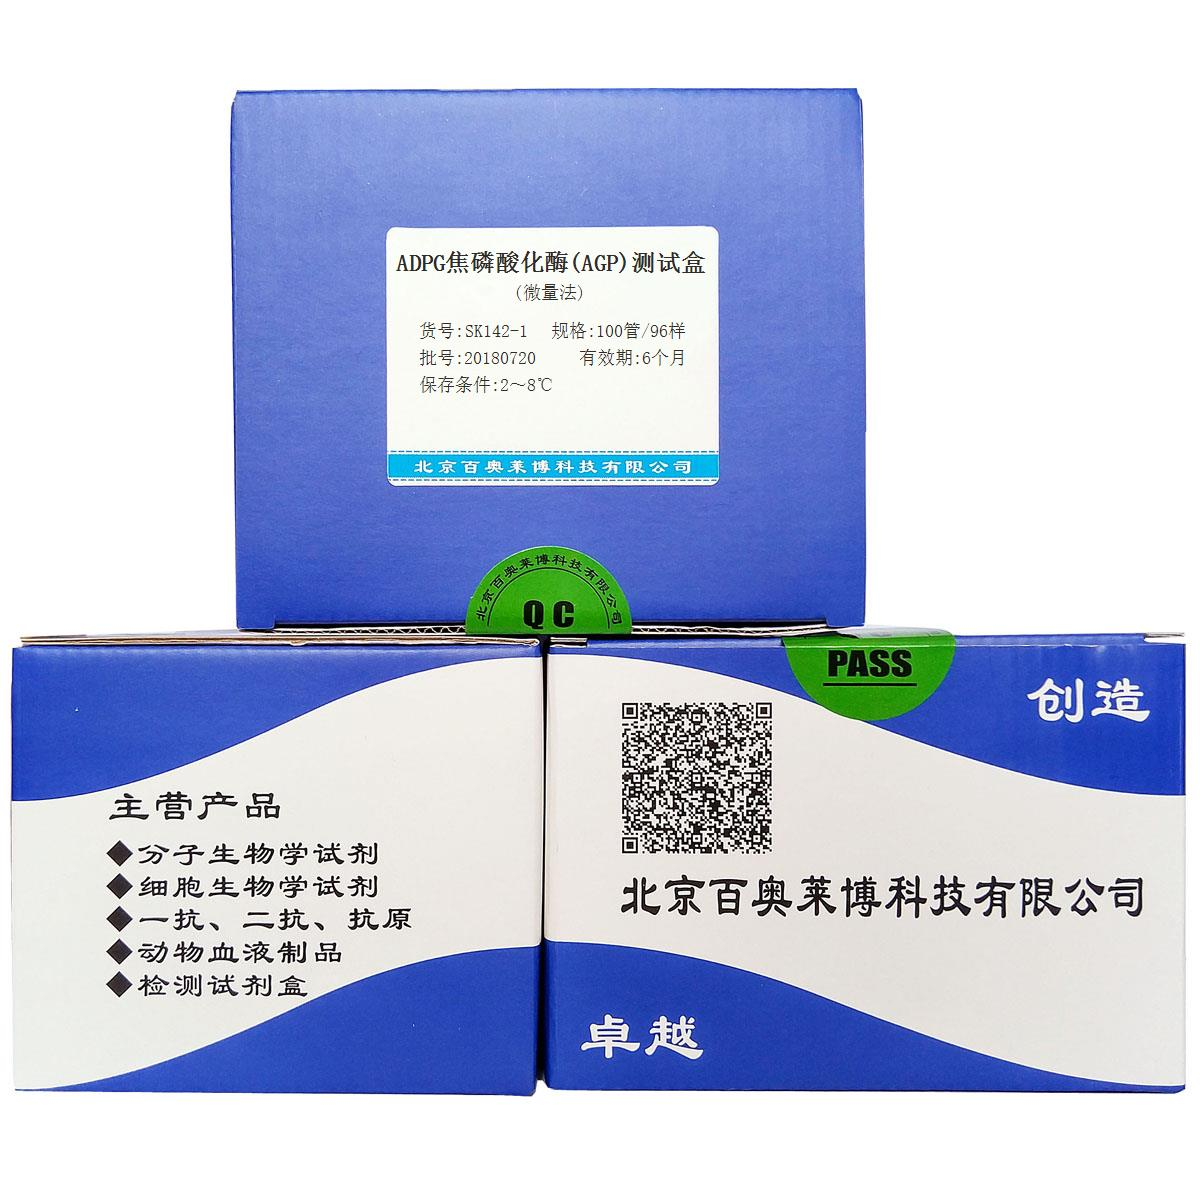 ADPG焦磷酸化酶(AGP)测试盒(微量法)